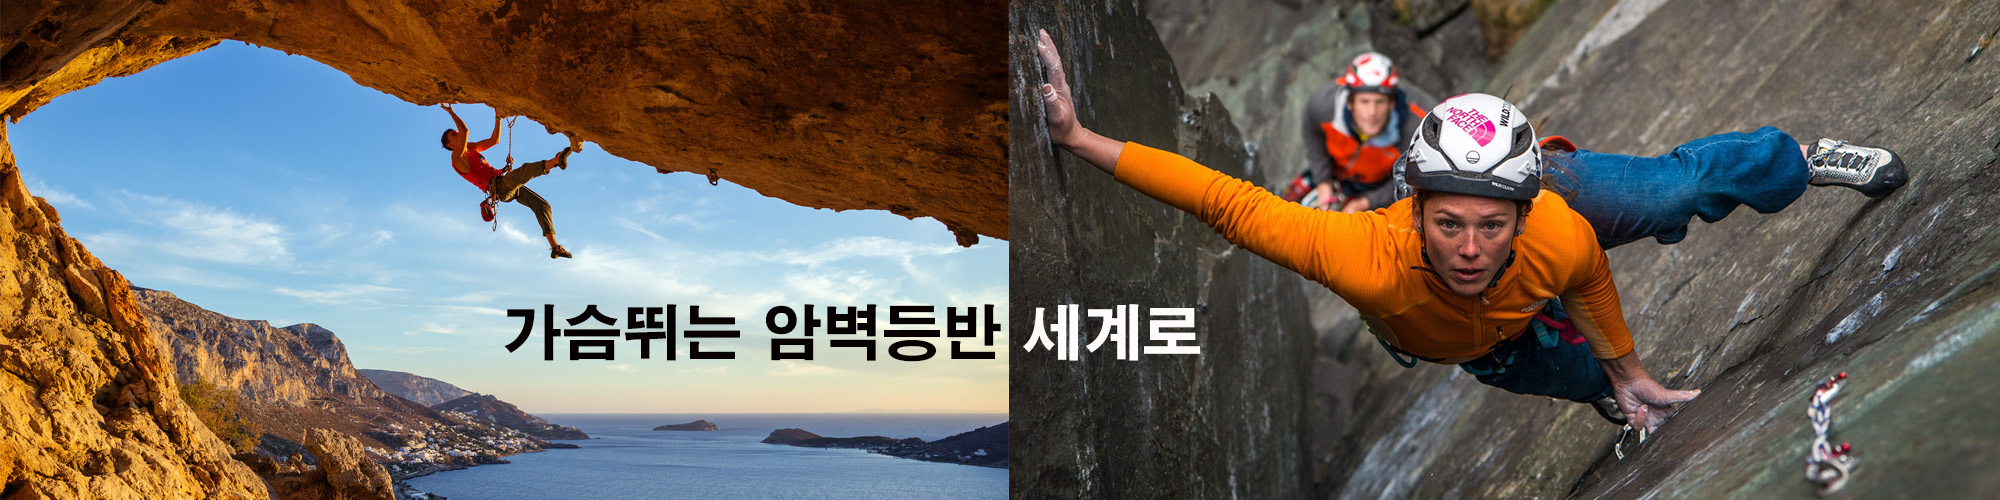 암벽등반 세계로